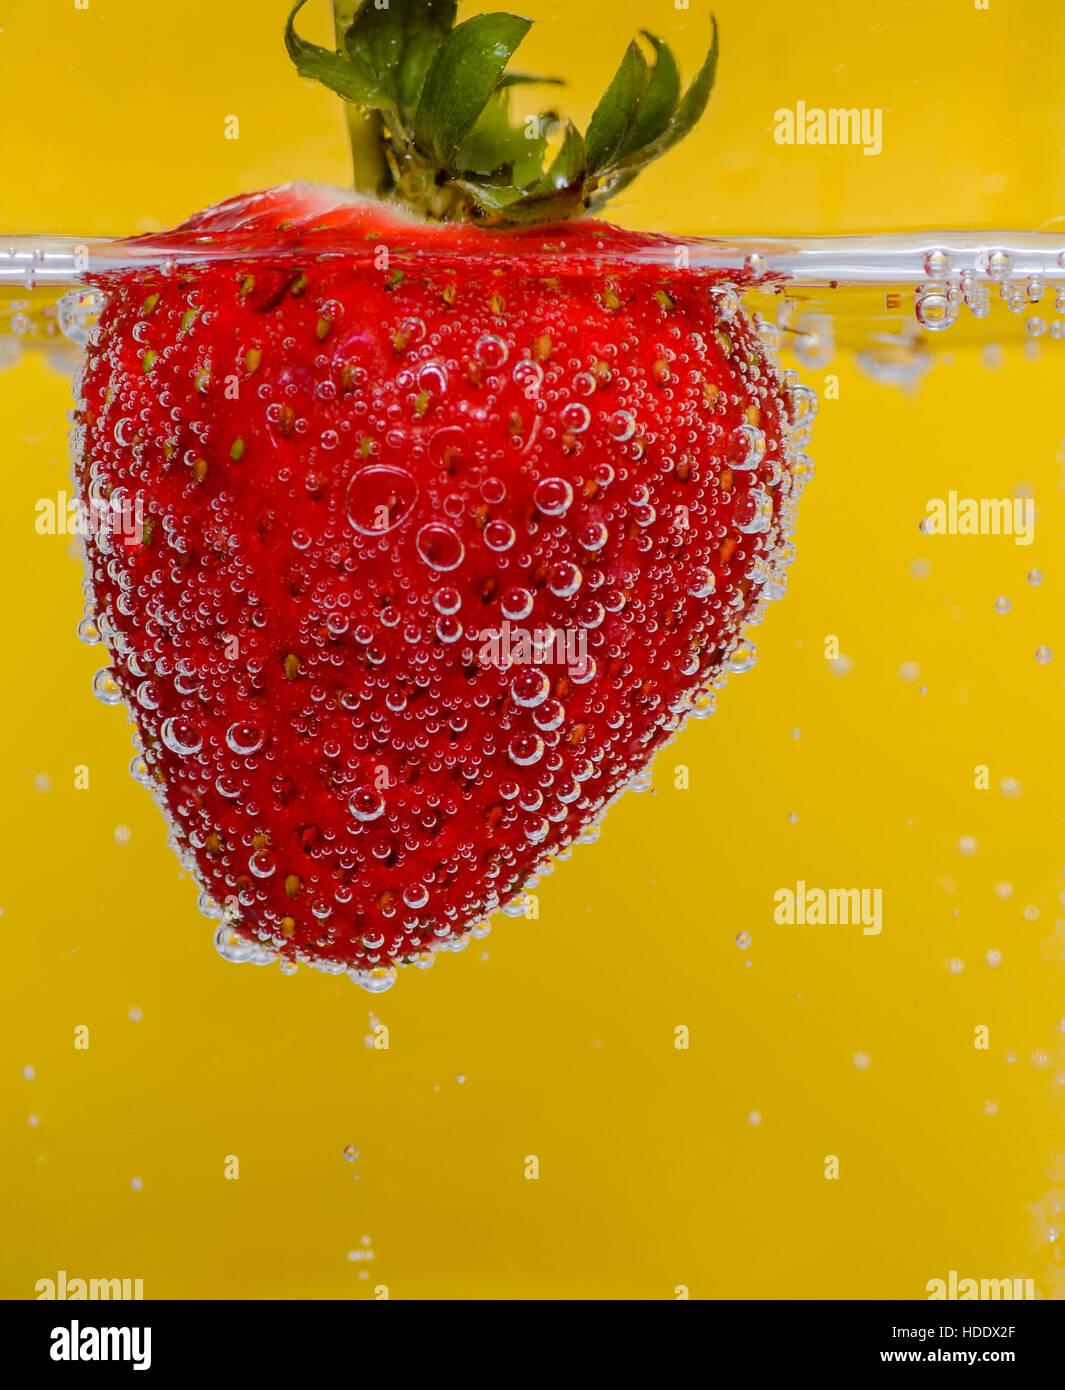 Erdbeere im Mineralwasser vor einem gelben Hintergrund Stockbild